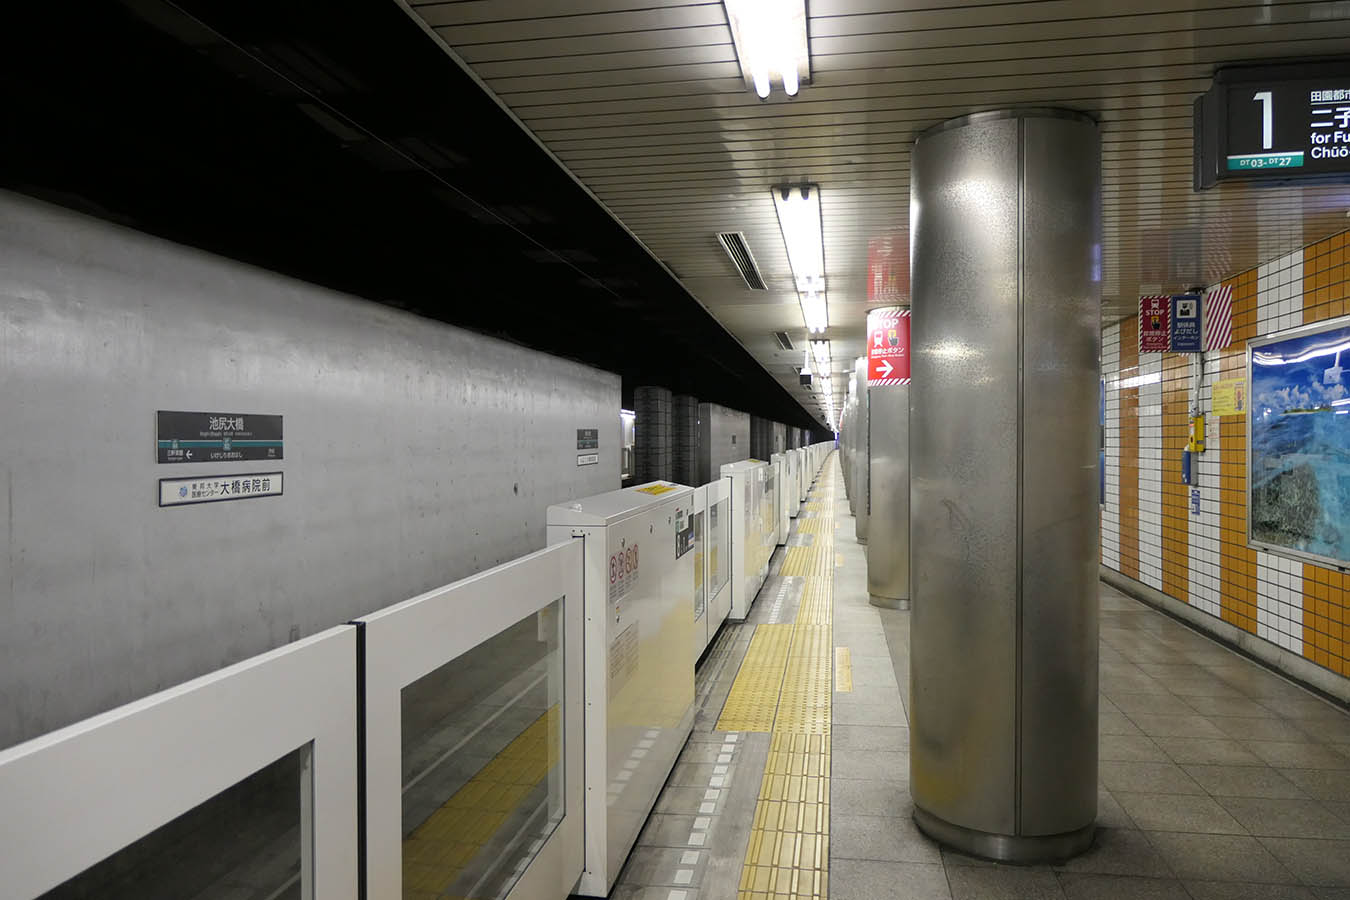 DT02_photo03.jpg